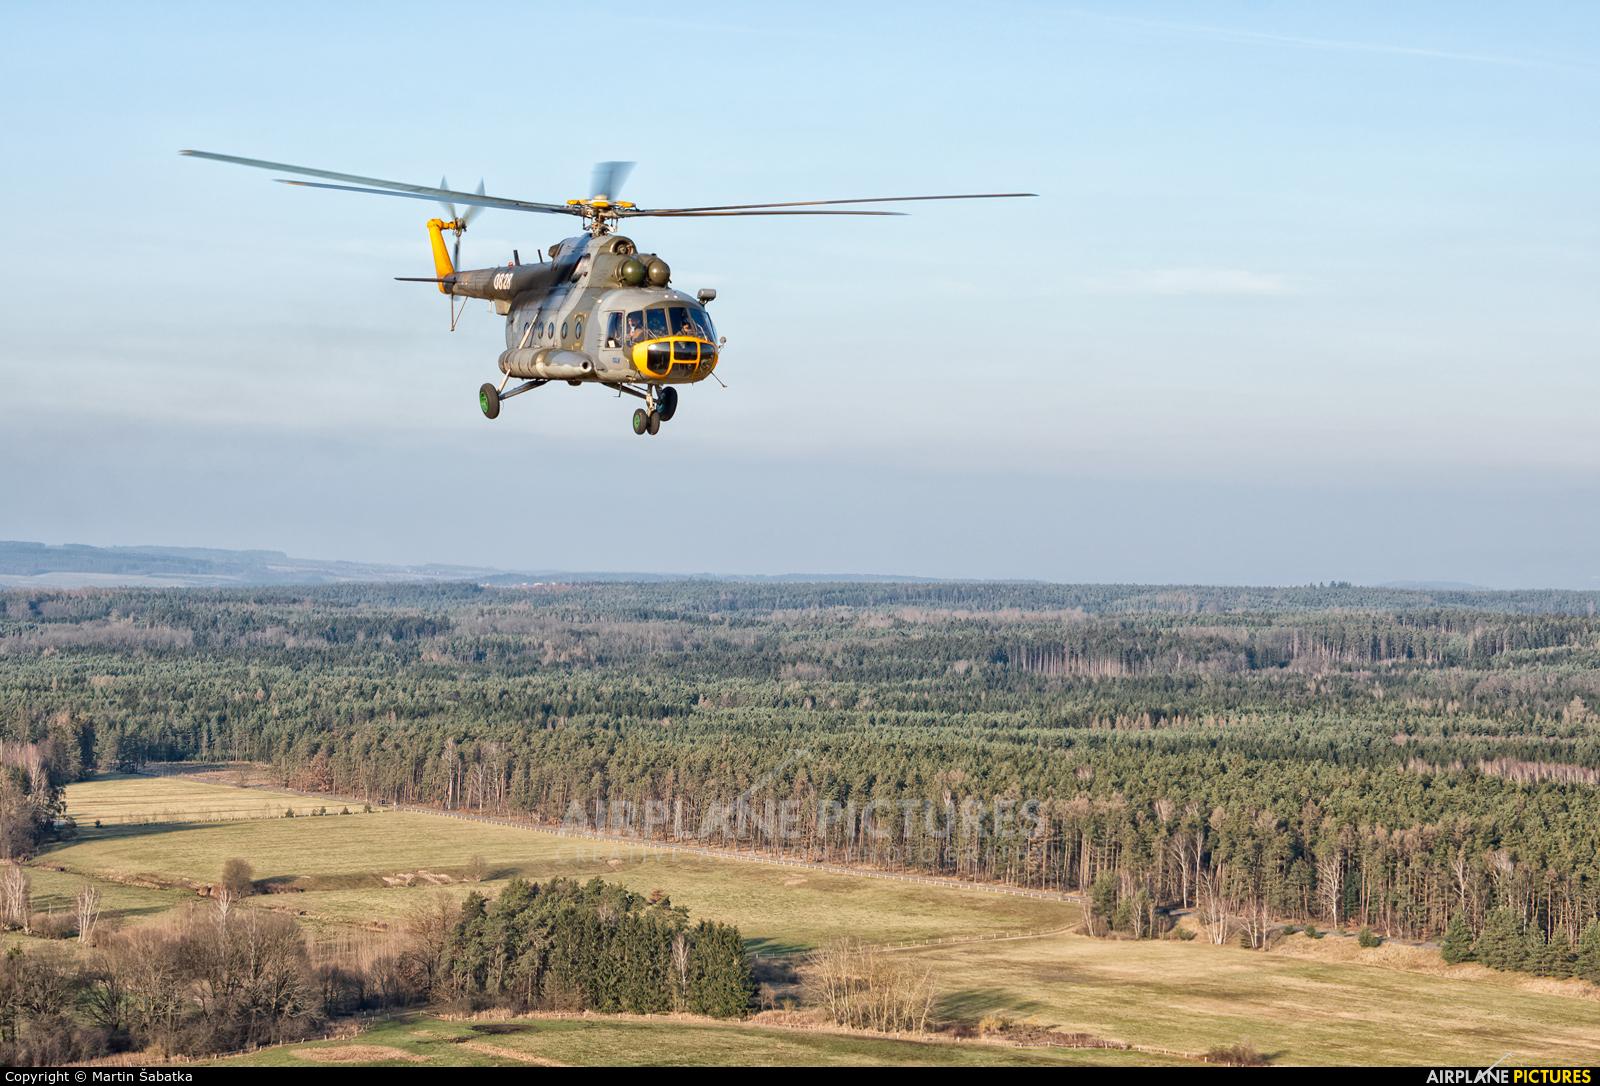 Czech - Air Force 0828 aircraft at In Flight - Czech Republic